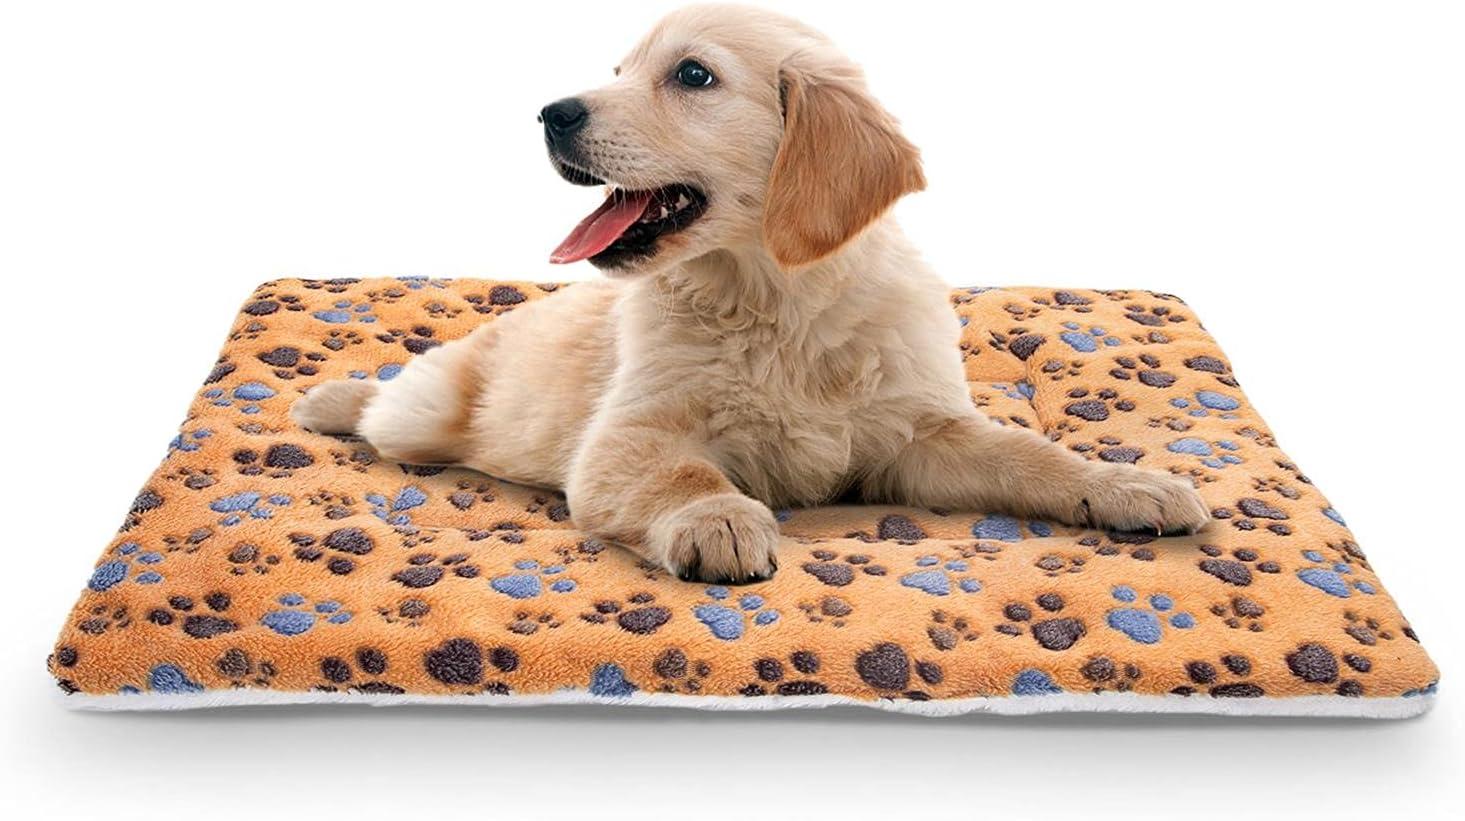 Nobleza Cama para Mascotas (Perro/Gato), súper Suave con Lindo Estampado | colchón cajón Reversible de Lana | colchón para Mascotas Lavable a máquina L55*W42CM